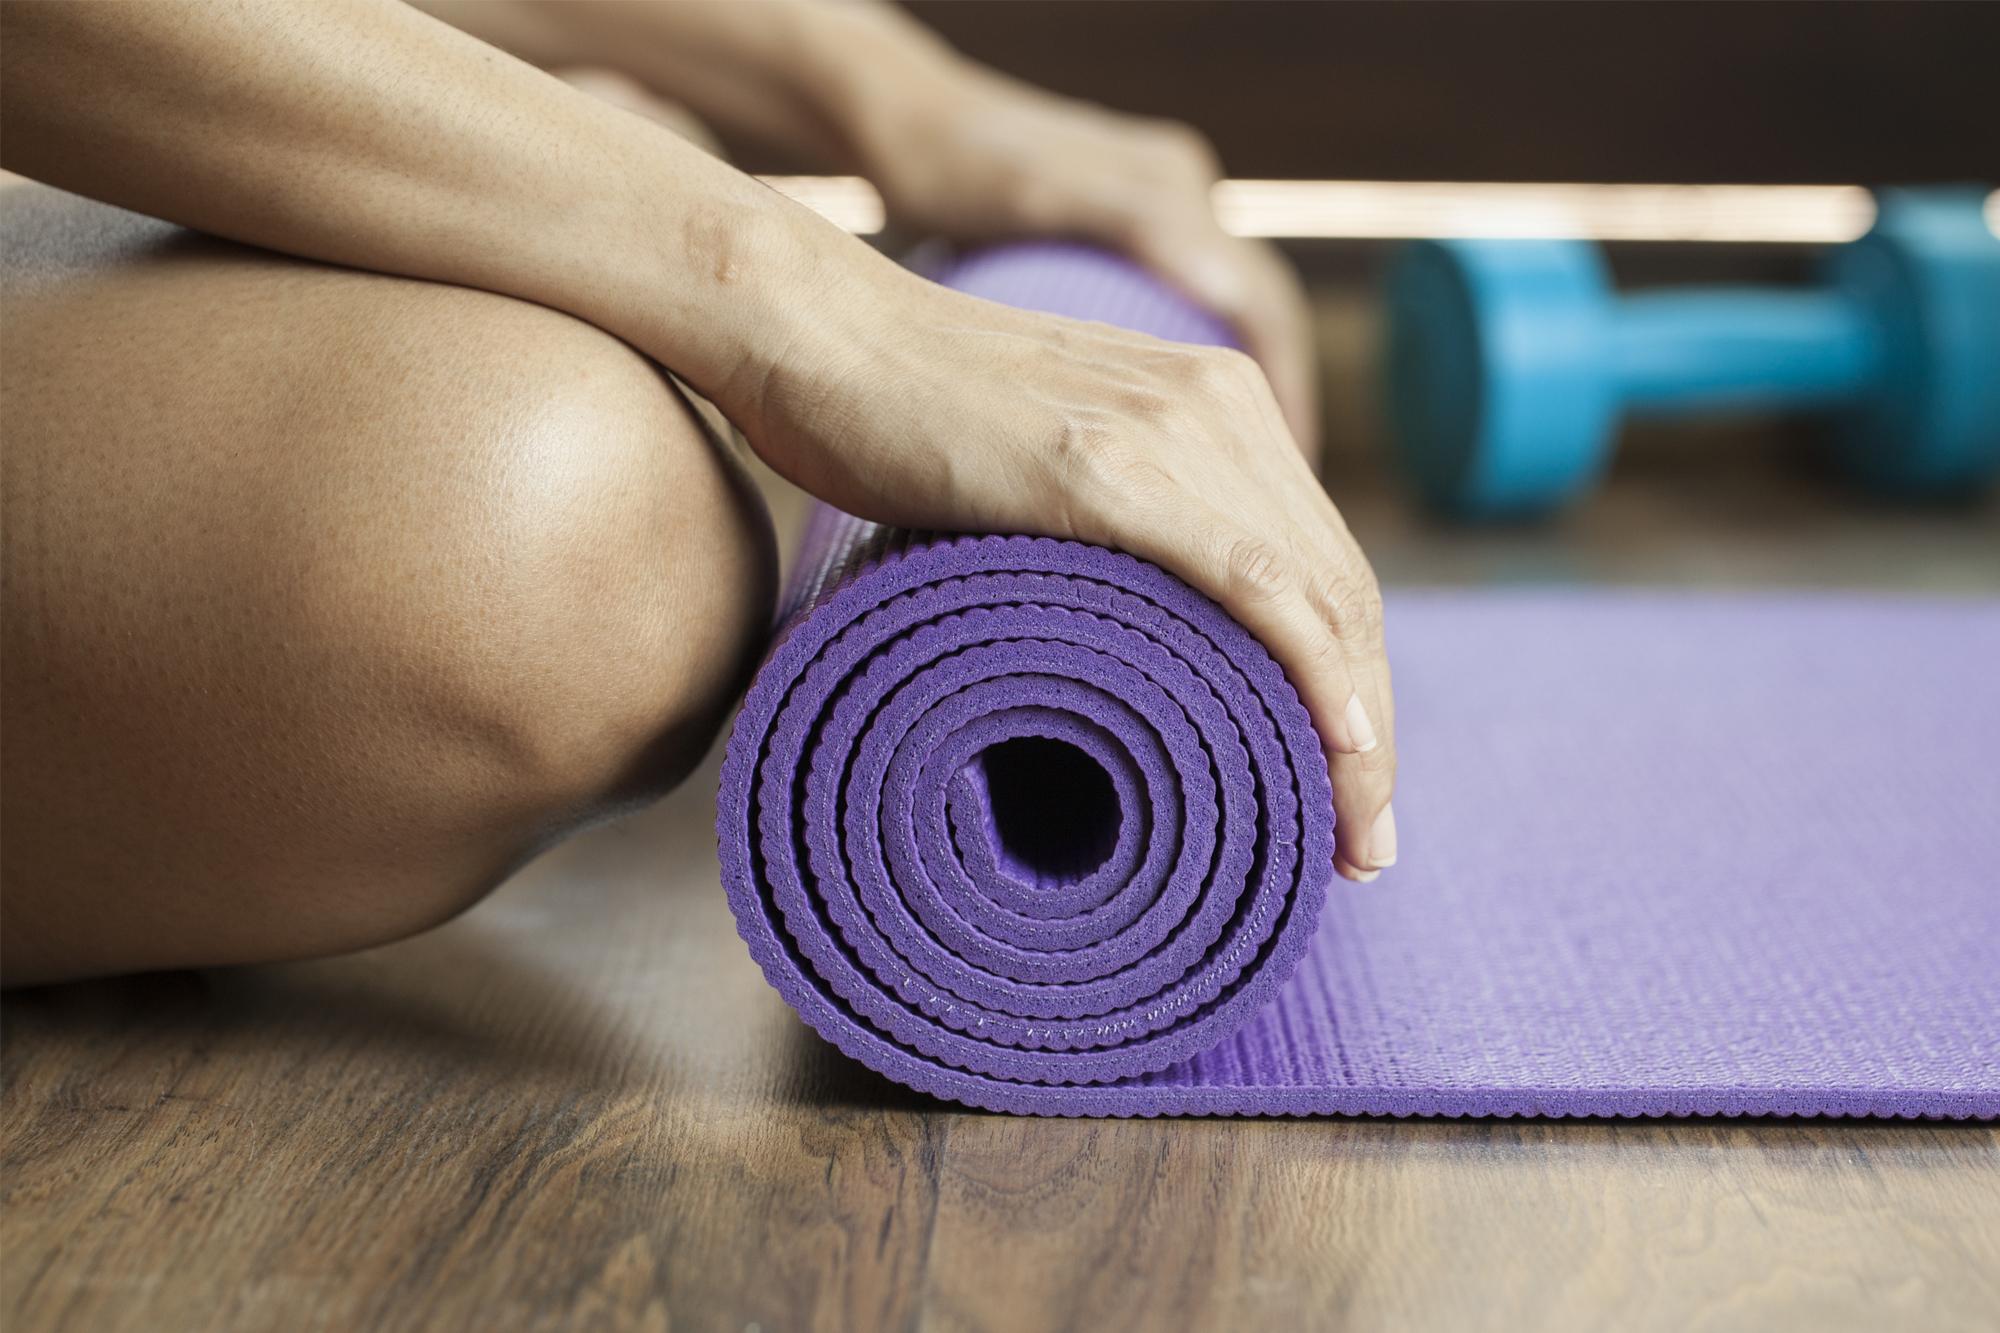 rolling a yoga mat